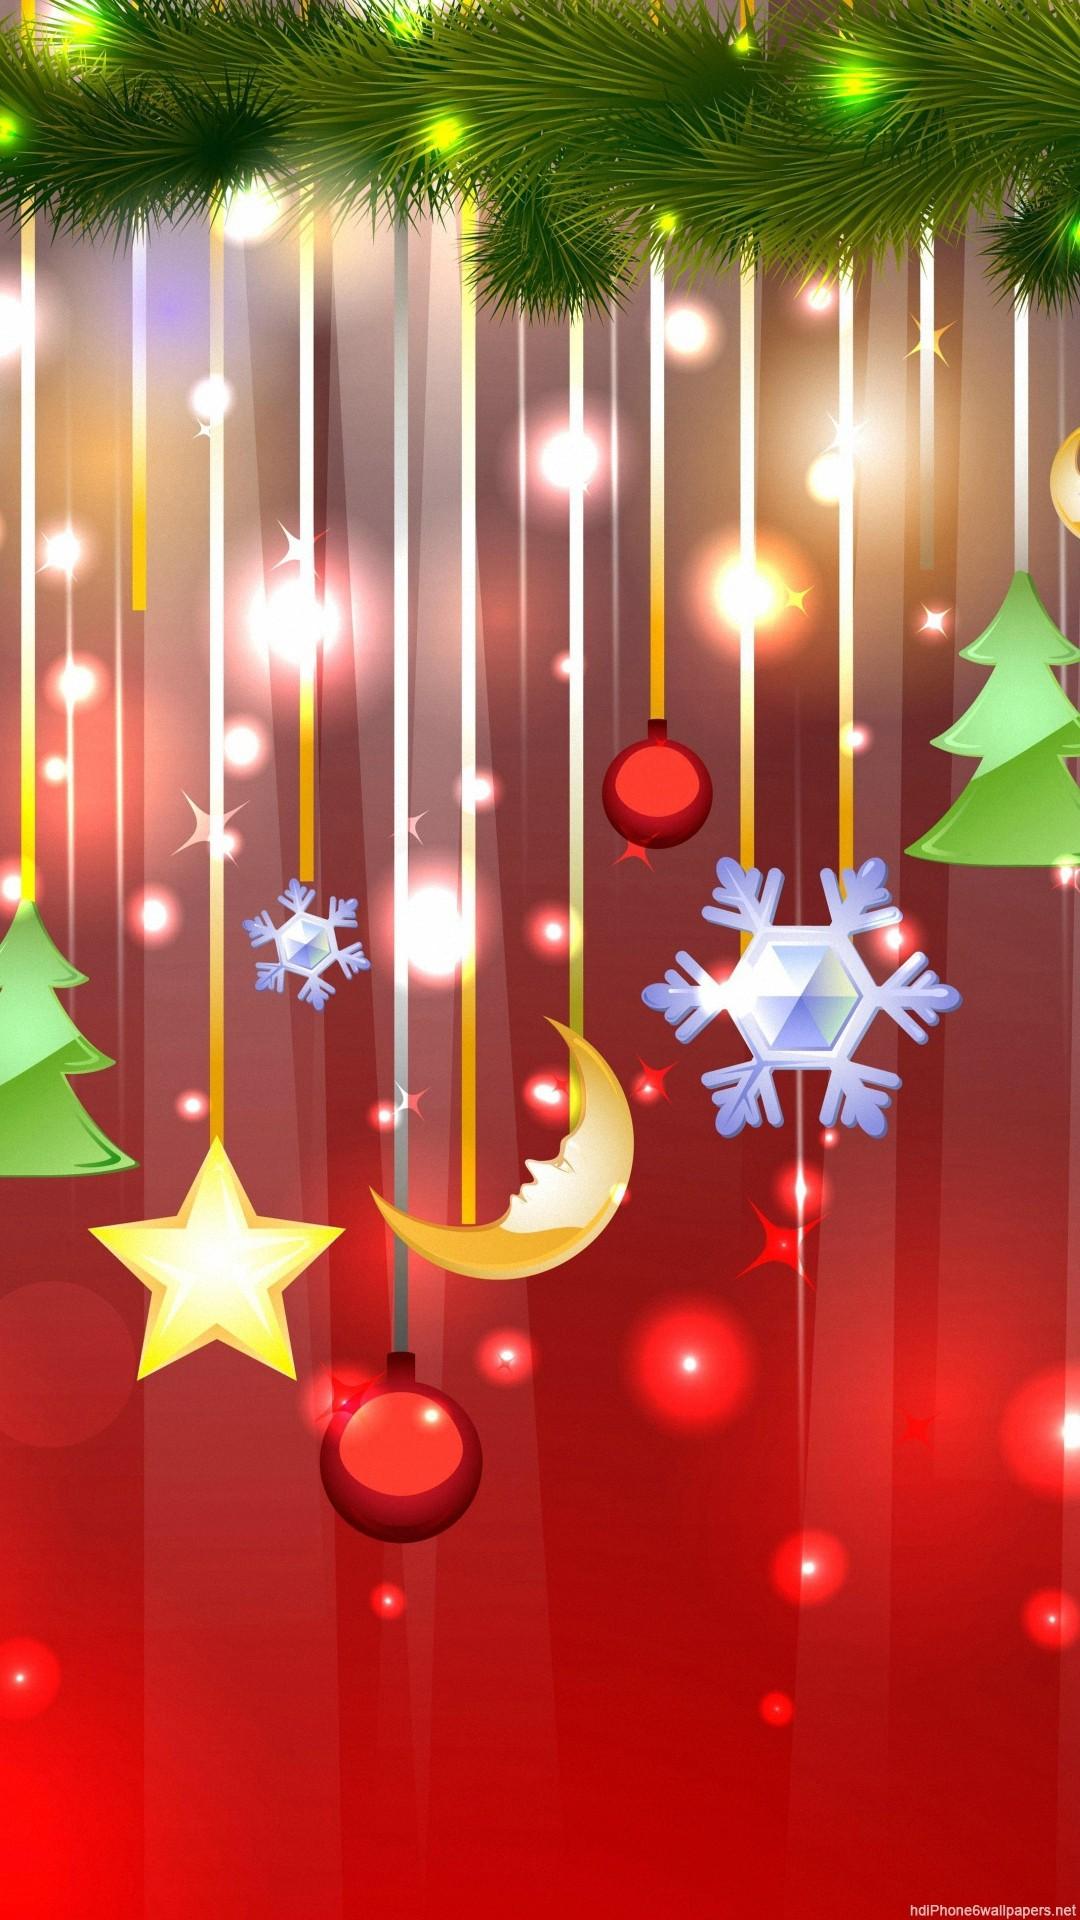 かわいいクリスマス壁紙 Iphone Wallpapers